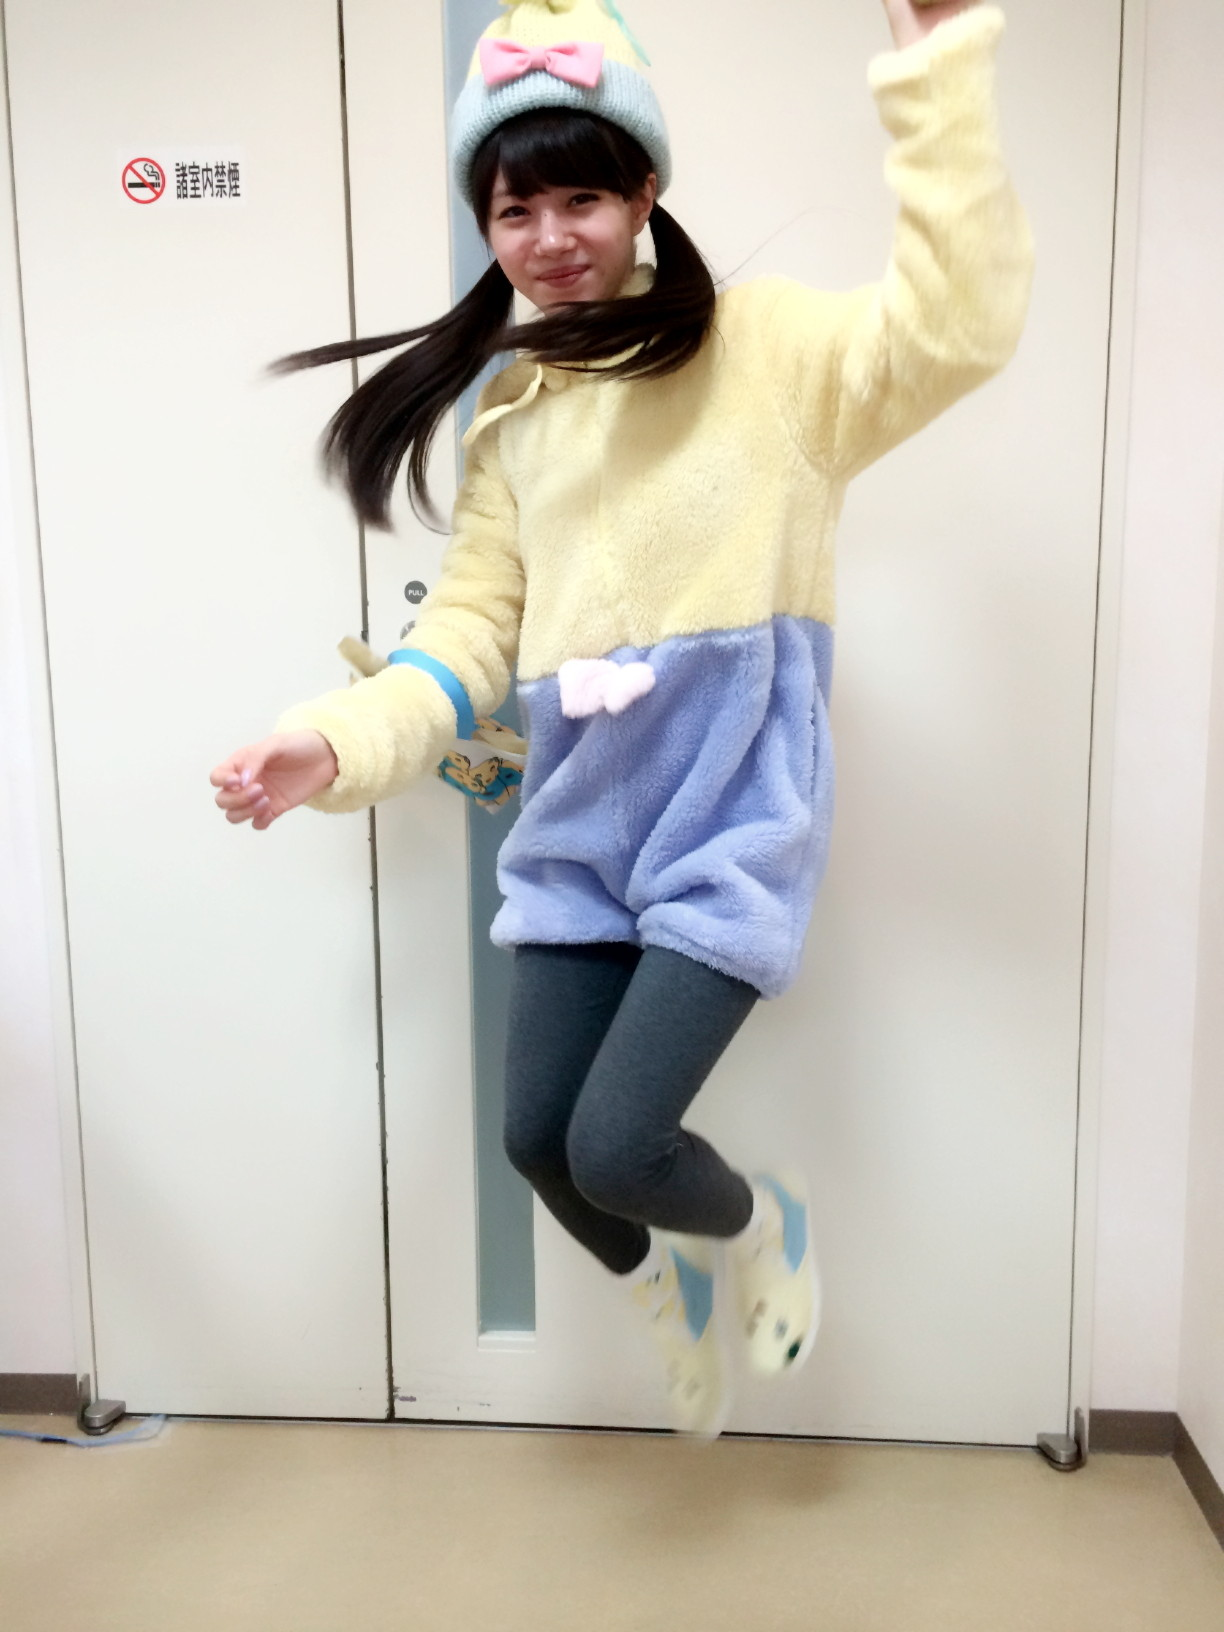 ジャンプ!市川美織